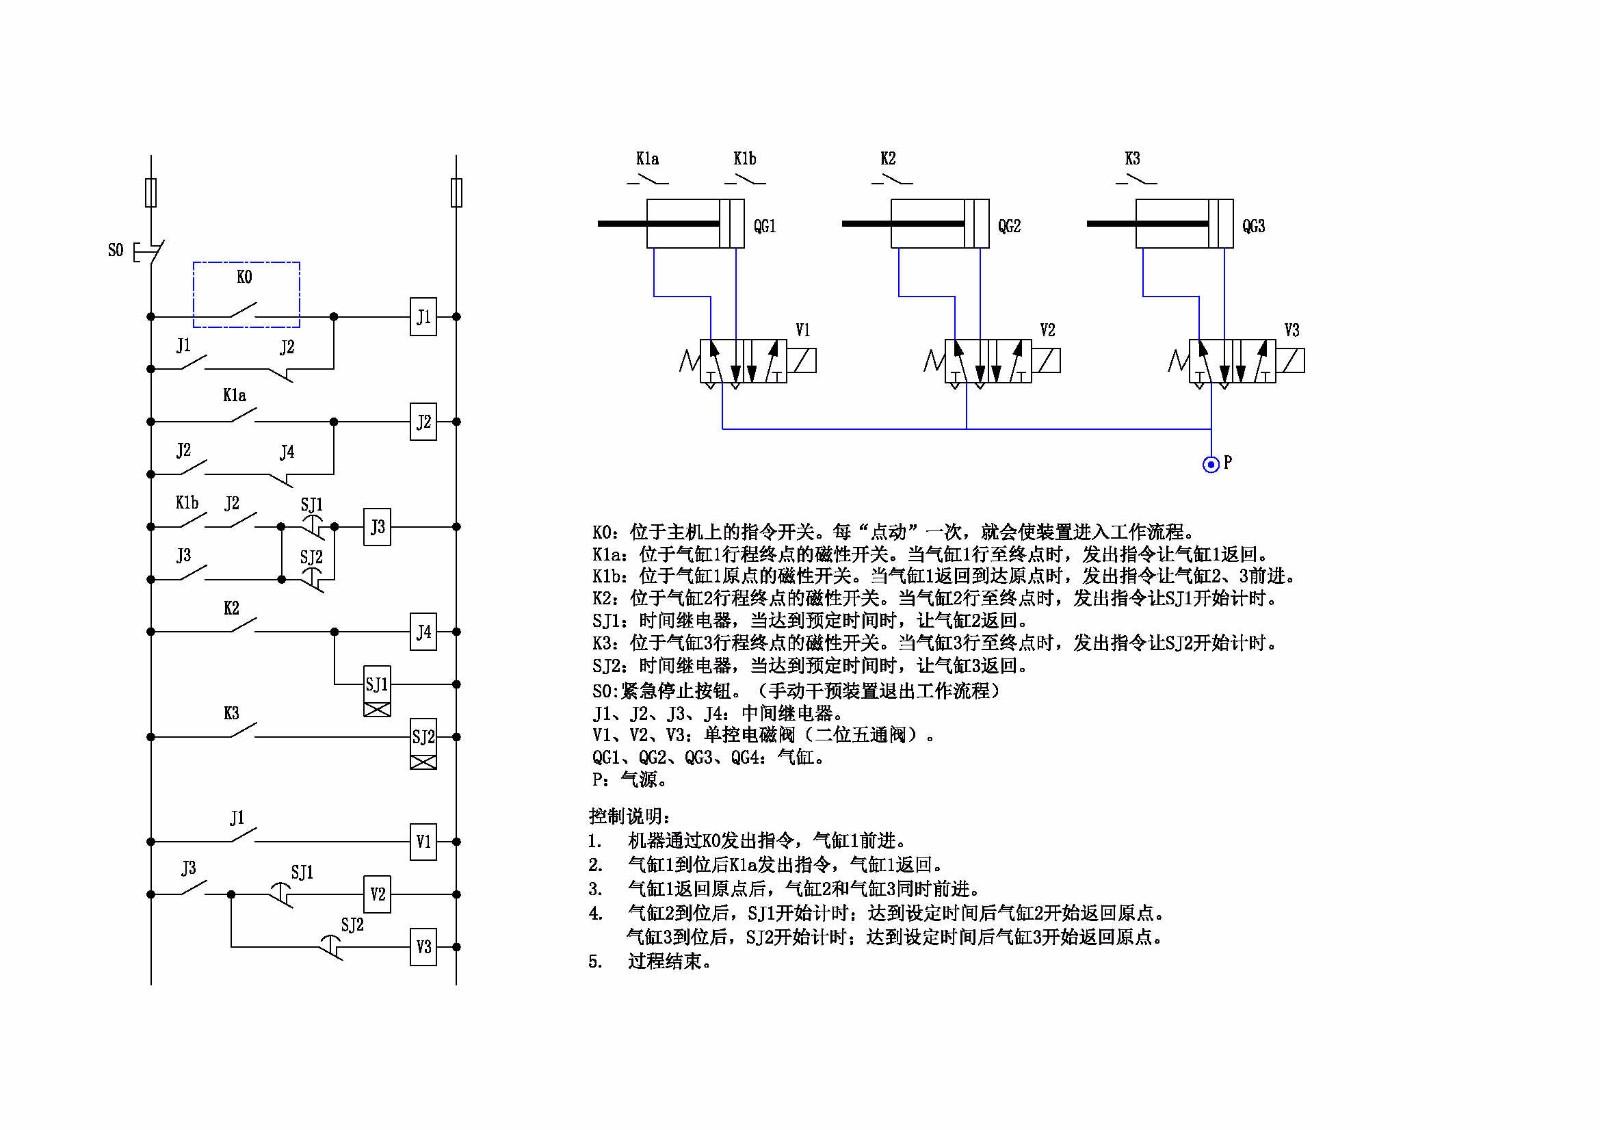 求接线图3个气缸3个电磁阀时间,中间继电器,给一个信号气缸1动作后